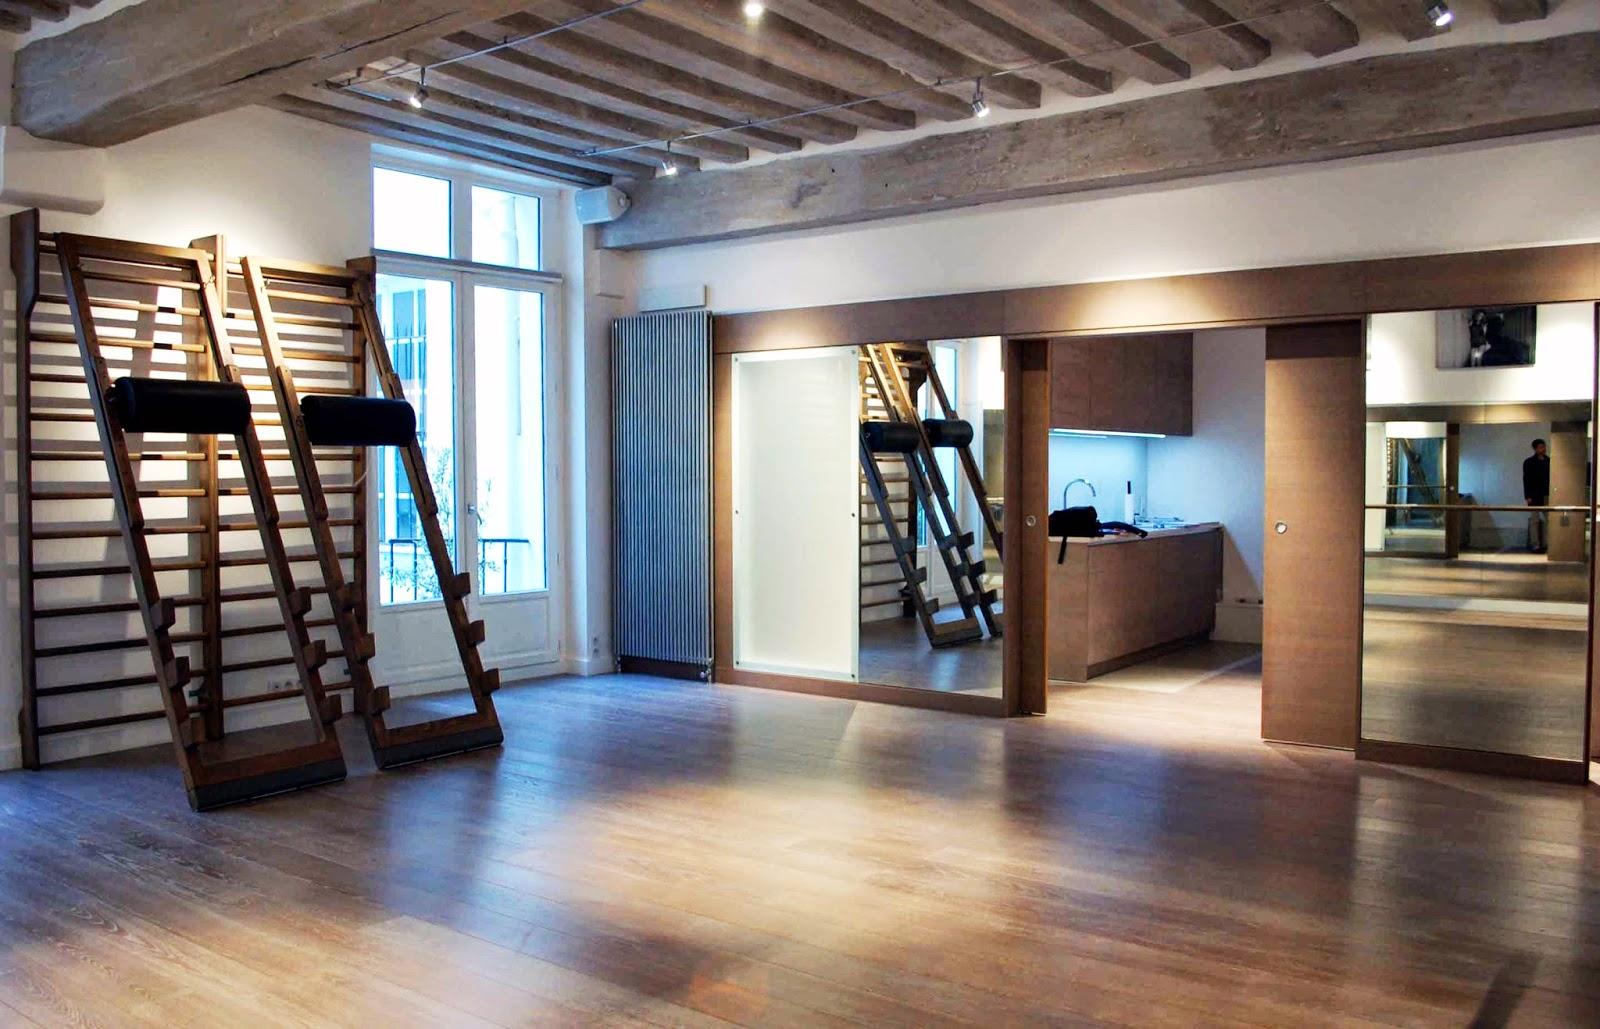 Aménager Une Salle De Yoga richard & tolouie architectes: studio de yoga, paris 6e